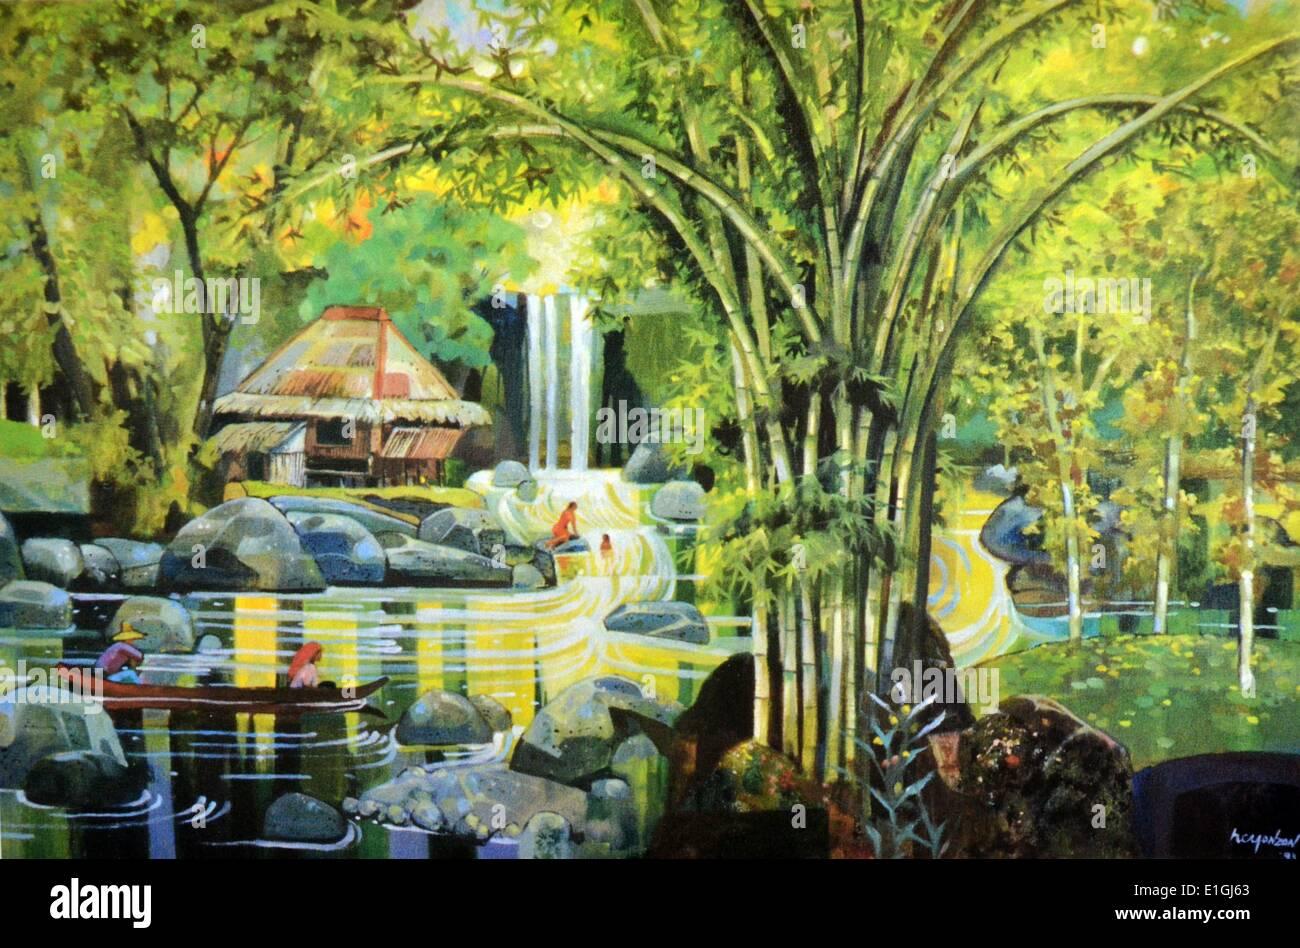 Hugo C. Yonzon Jr. Tanawin sa Talon, 1993, Oil on canvas. - Stock Image